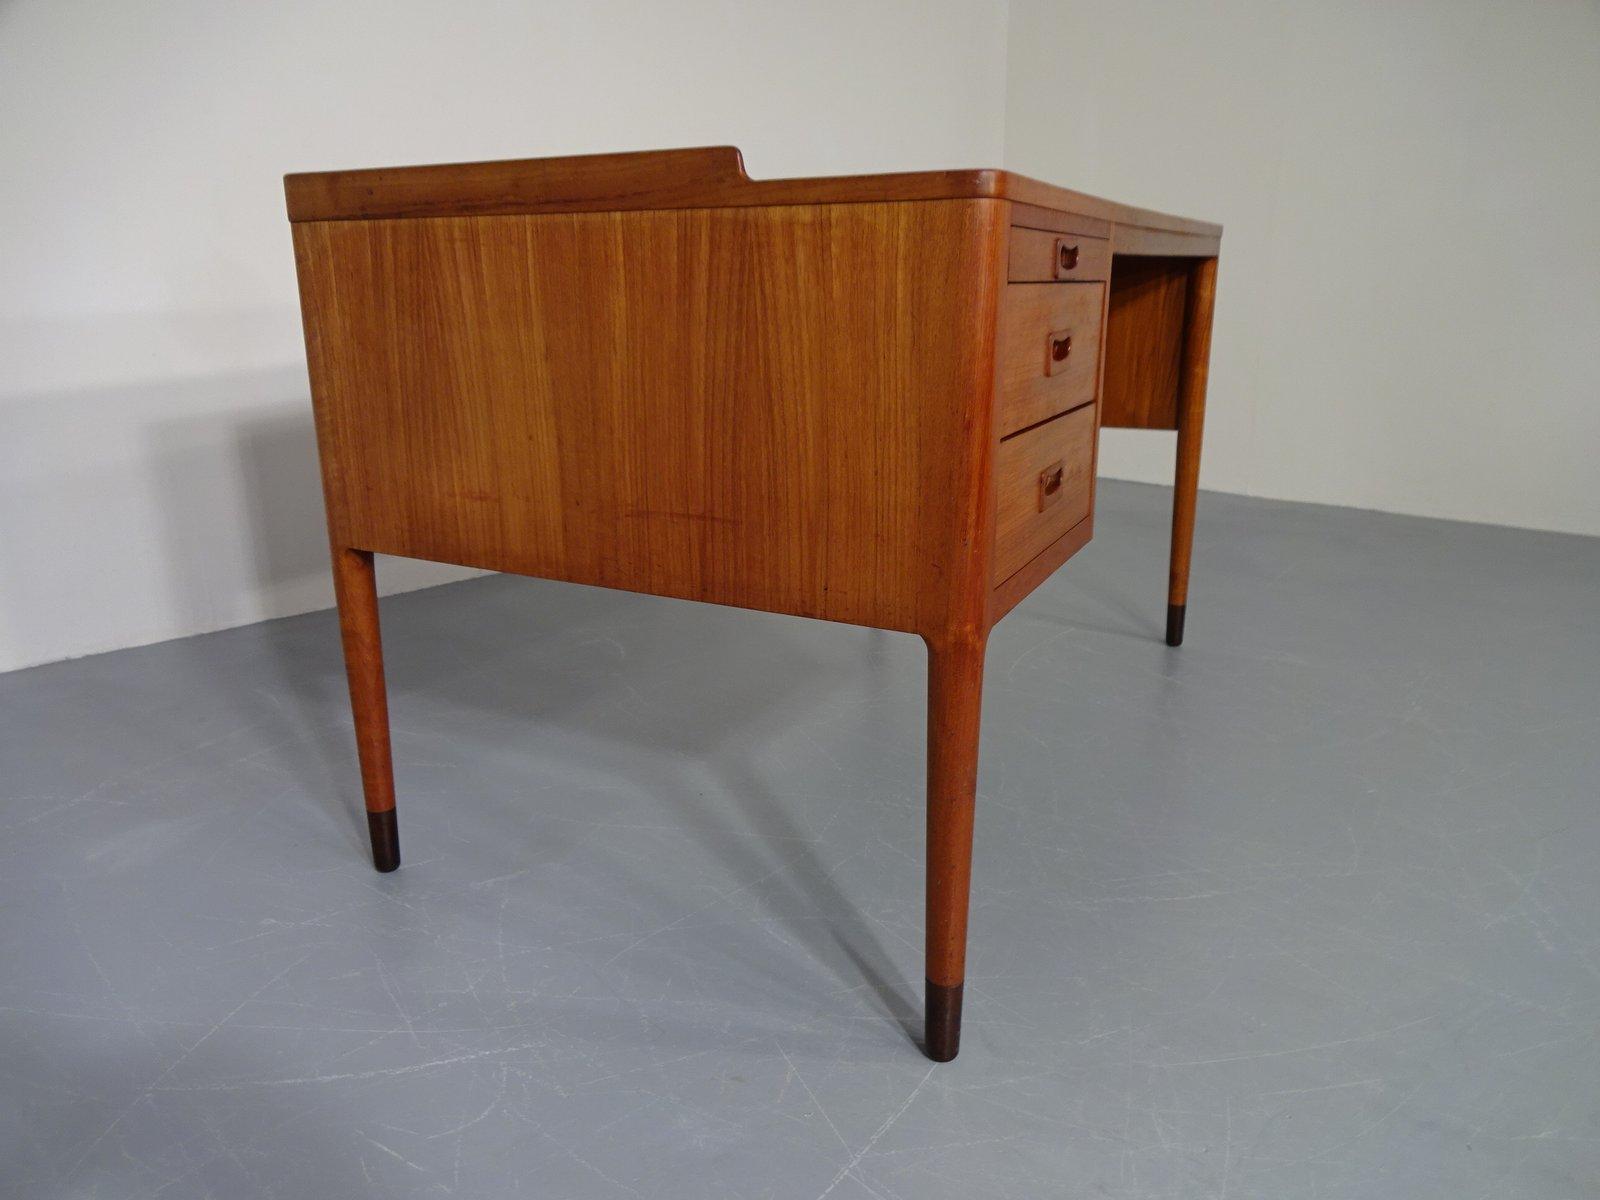 D nischer teakholz schreibtisch 1960er bei pamono kaufen for Schreibtisch teakholz